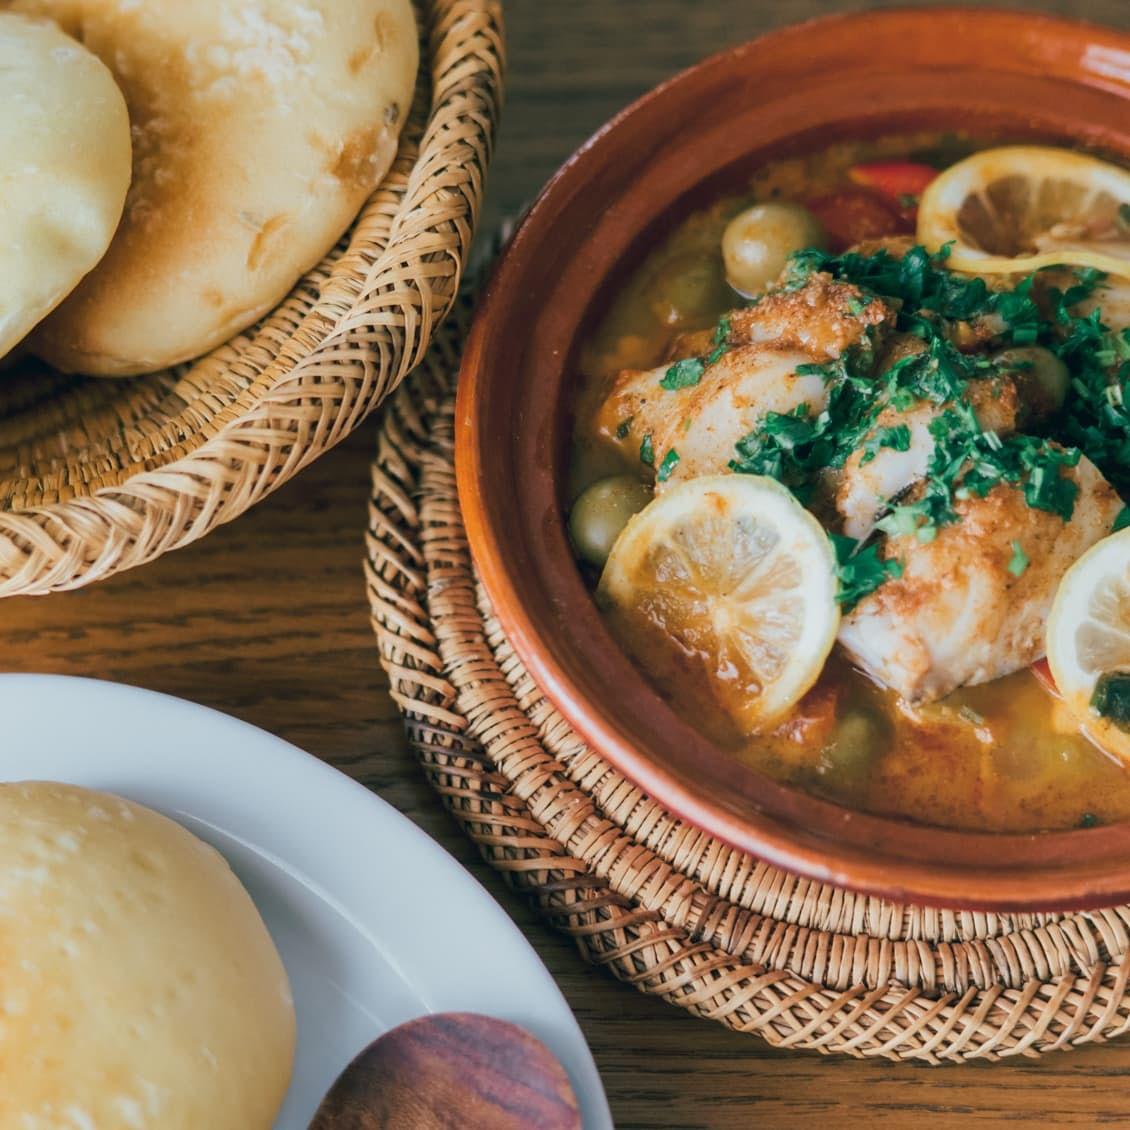 【とっておきの休日を過ごすなら】第2話:鍋ひとつで、本格的なエスニック料理。家で異国気分を味わえる「魚のタジン」